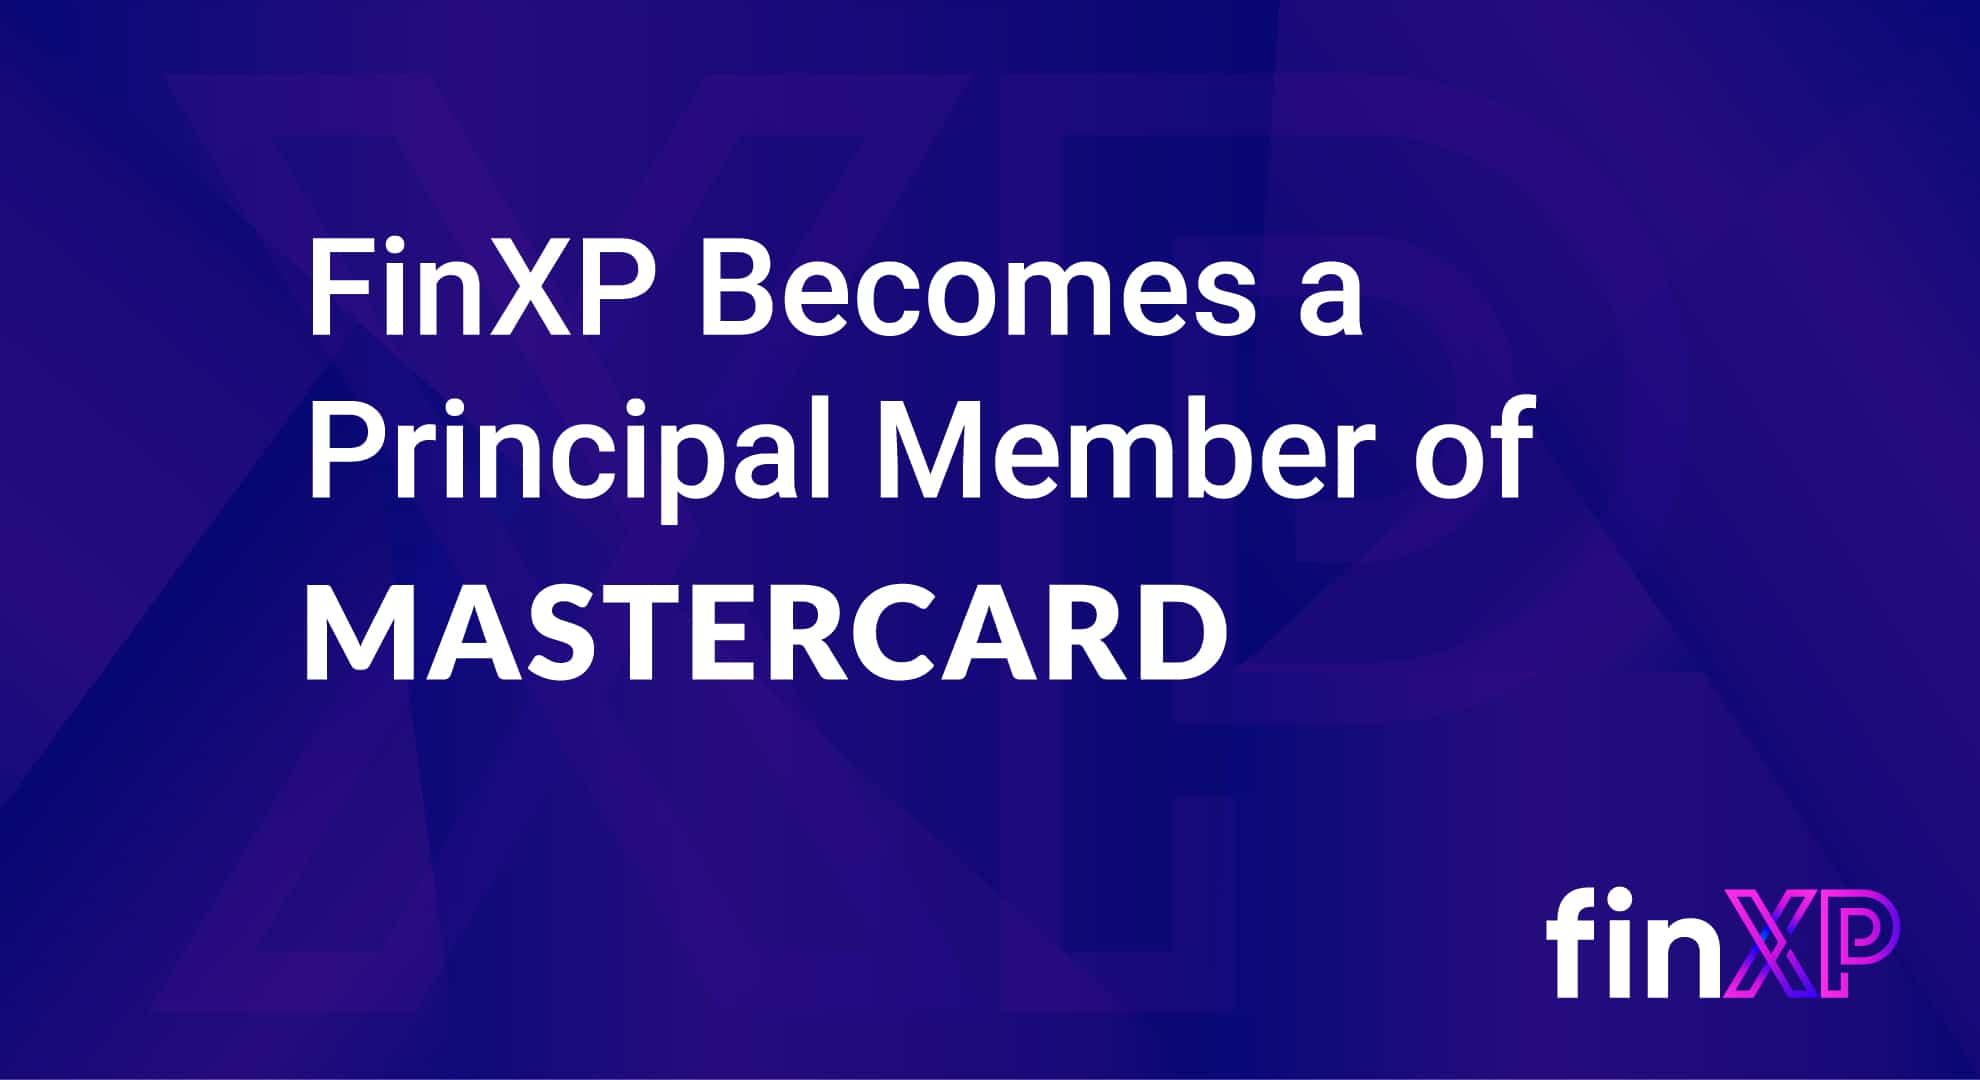 FinXP becomes a principal member of Mastercard